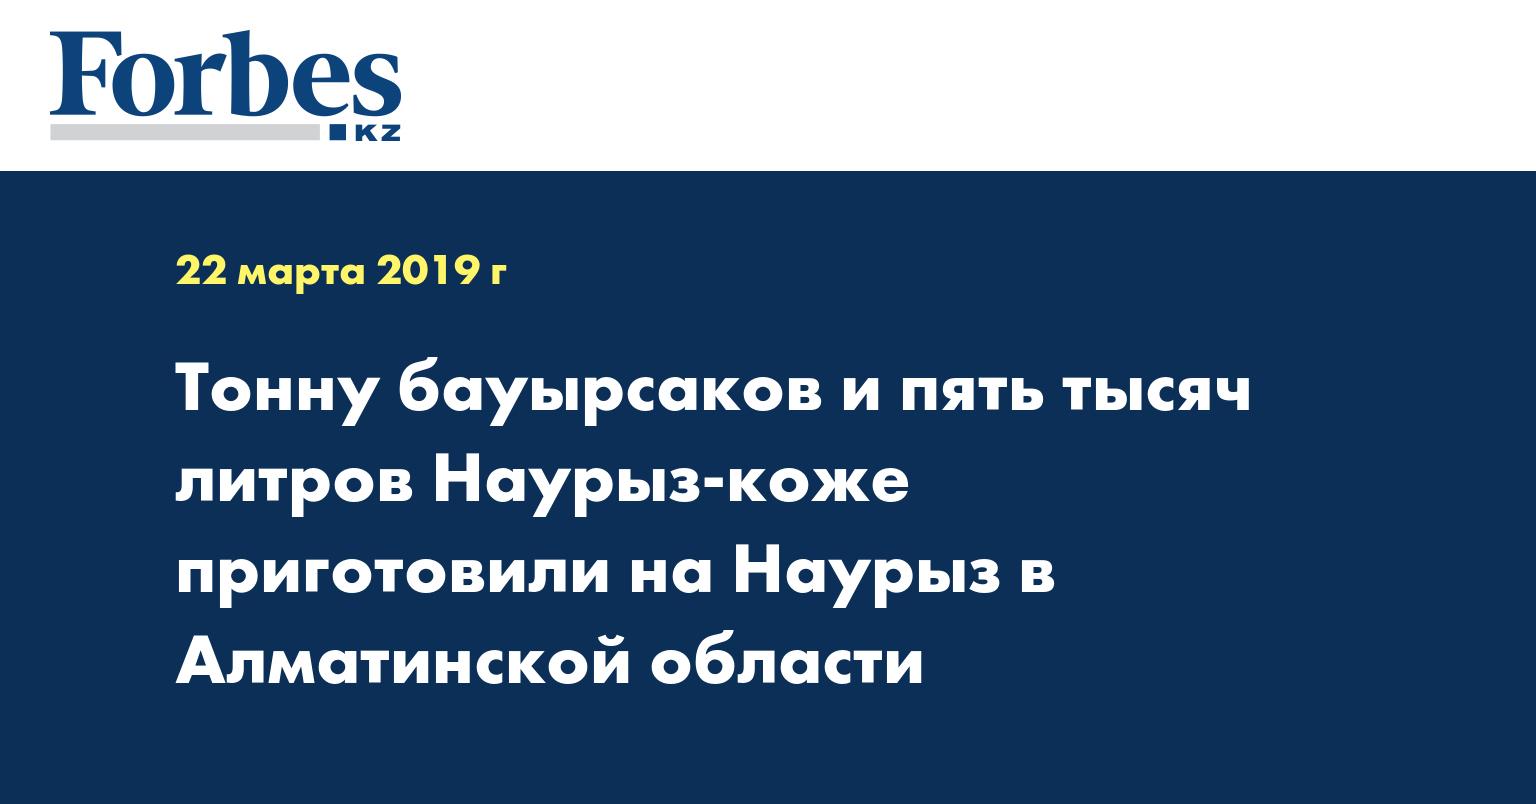 Тонну бауырсаков и пять тысяч литров Наурыз-коже приготовили на Наурыз в Алматинской области